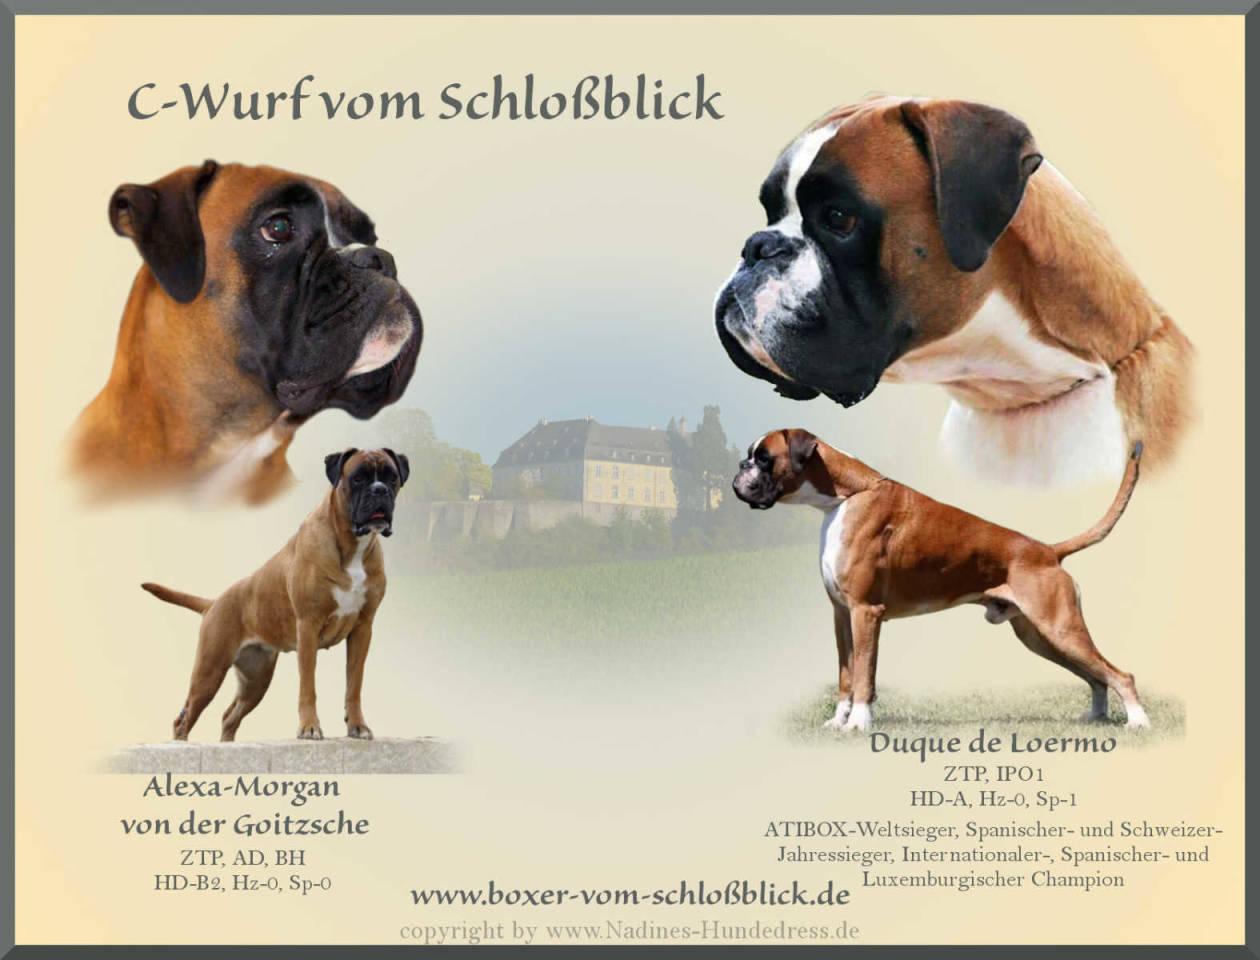 Deutscher Boxer Schloßblick C-Wurf Verpaarung Wurfankündigung